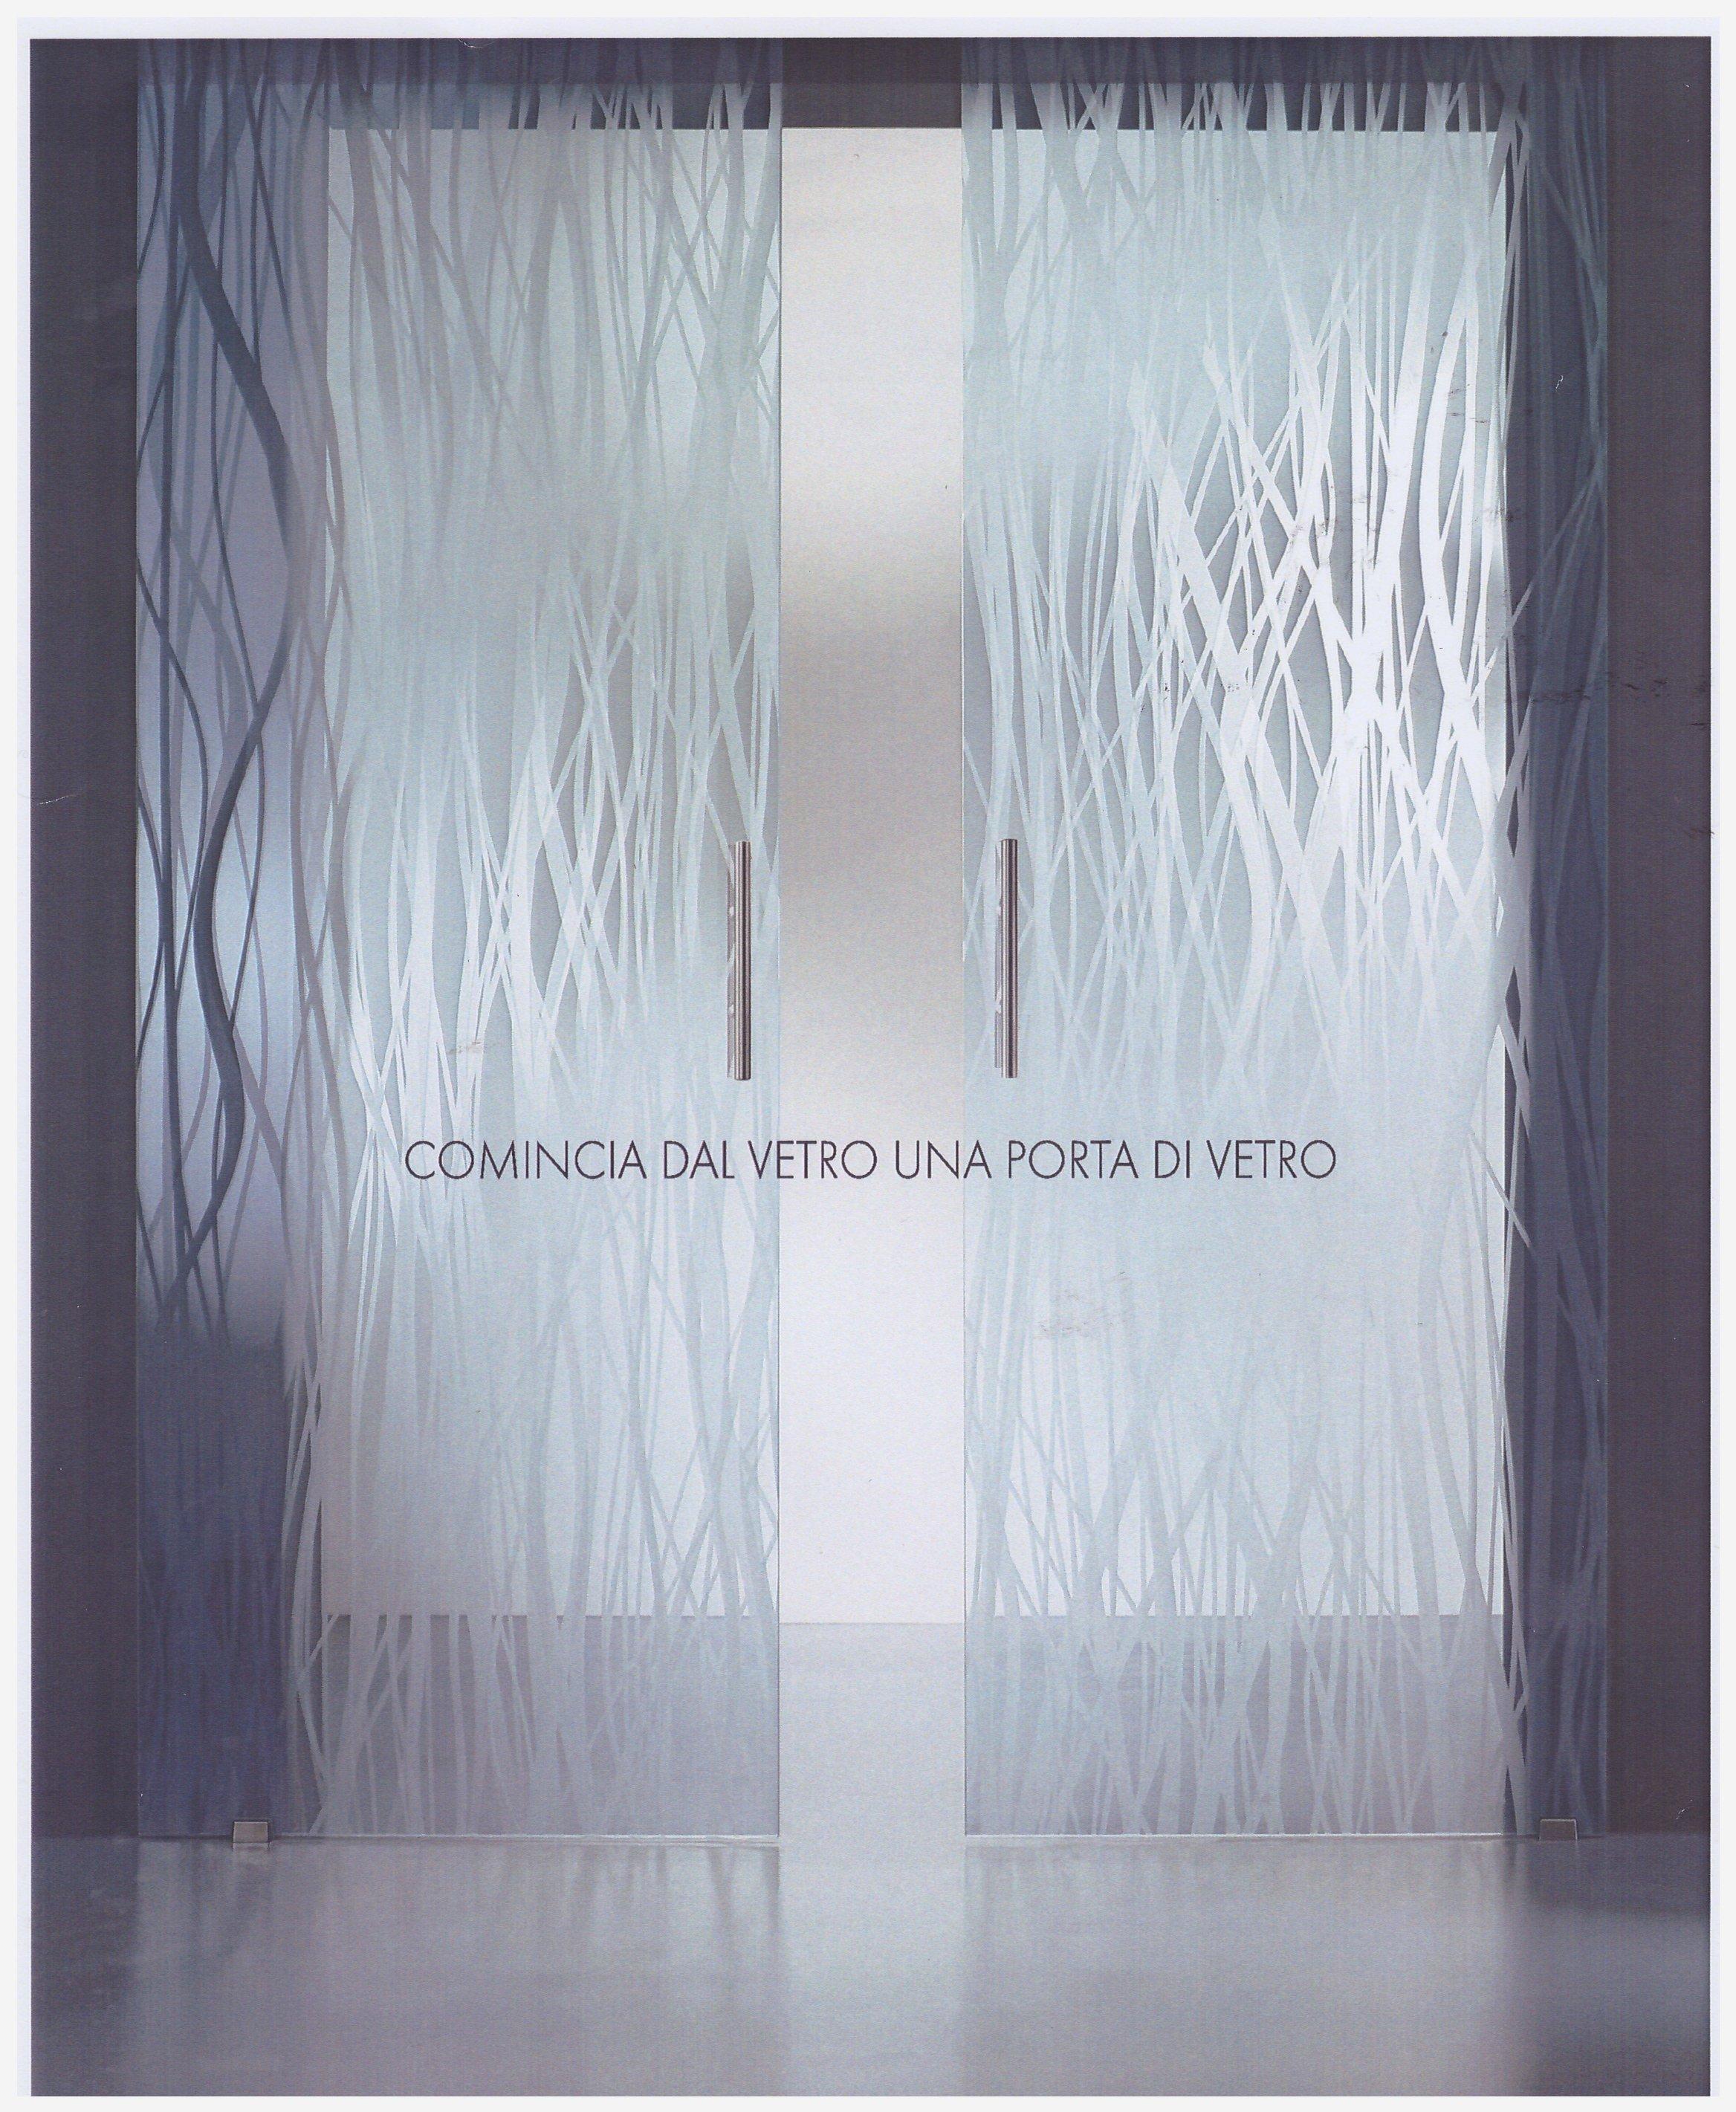 porta di vetro semiaperta decorata